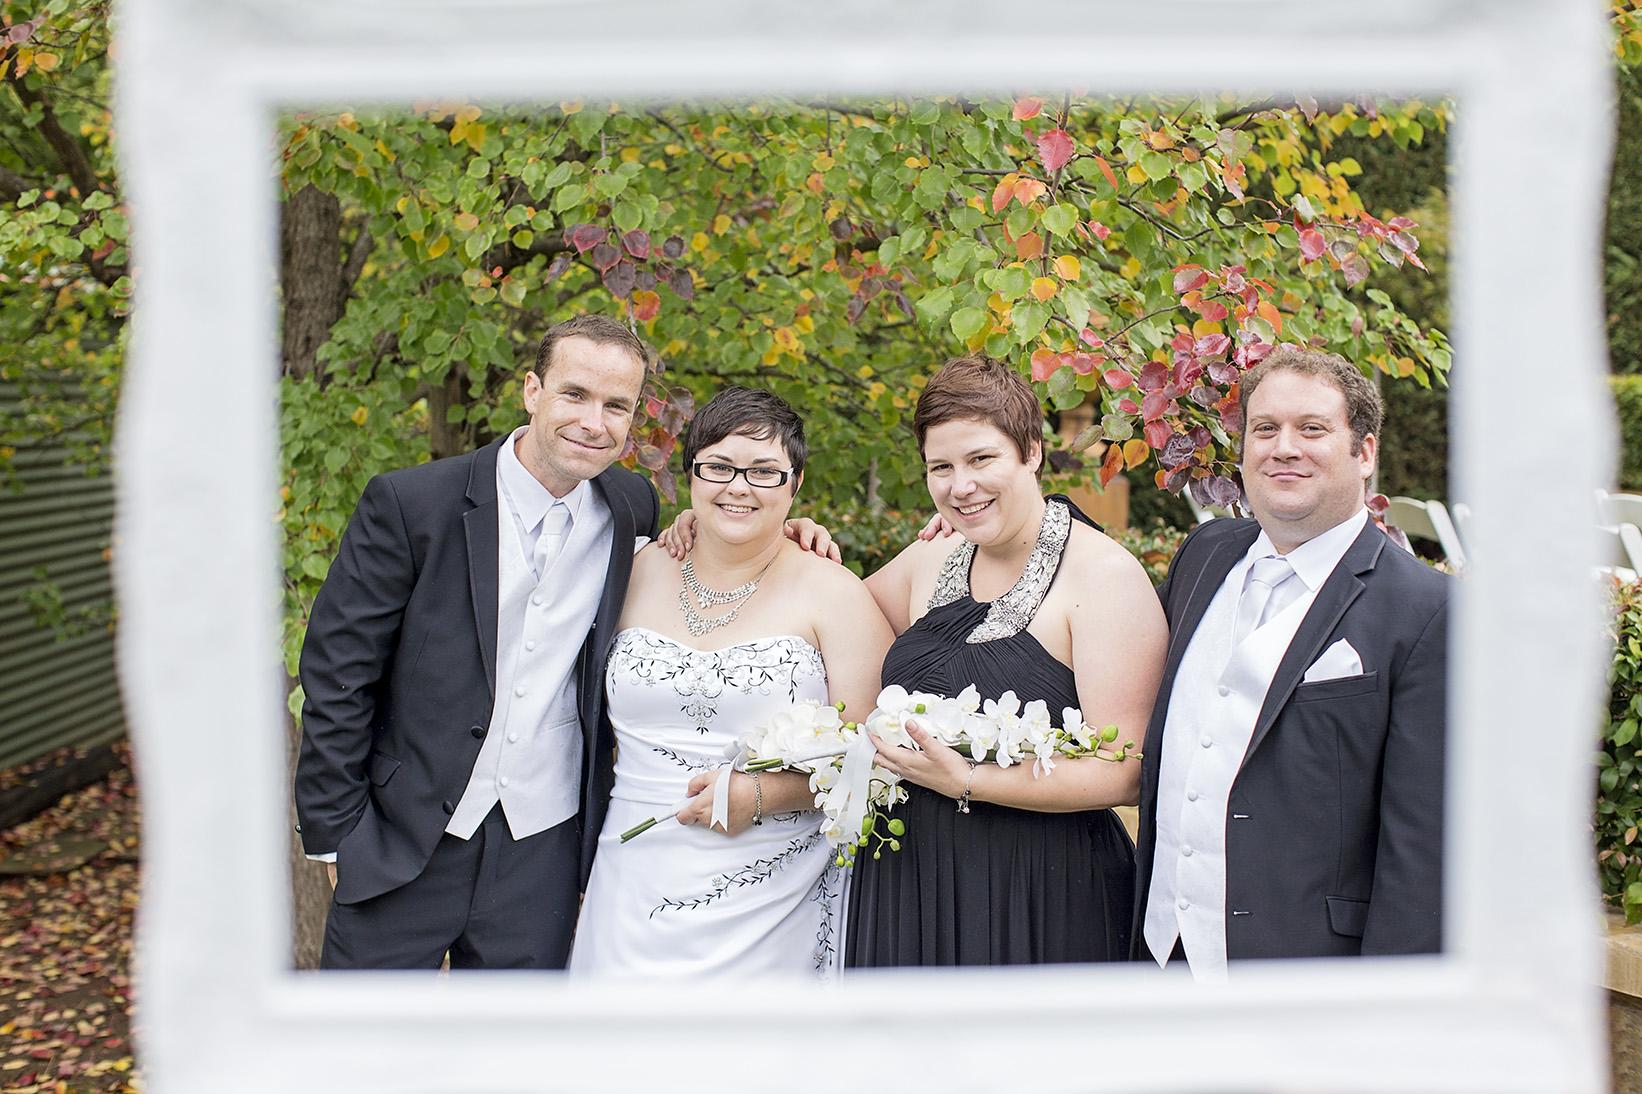 Clarendon Same Sex Wedding Photos 22.jpg